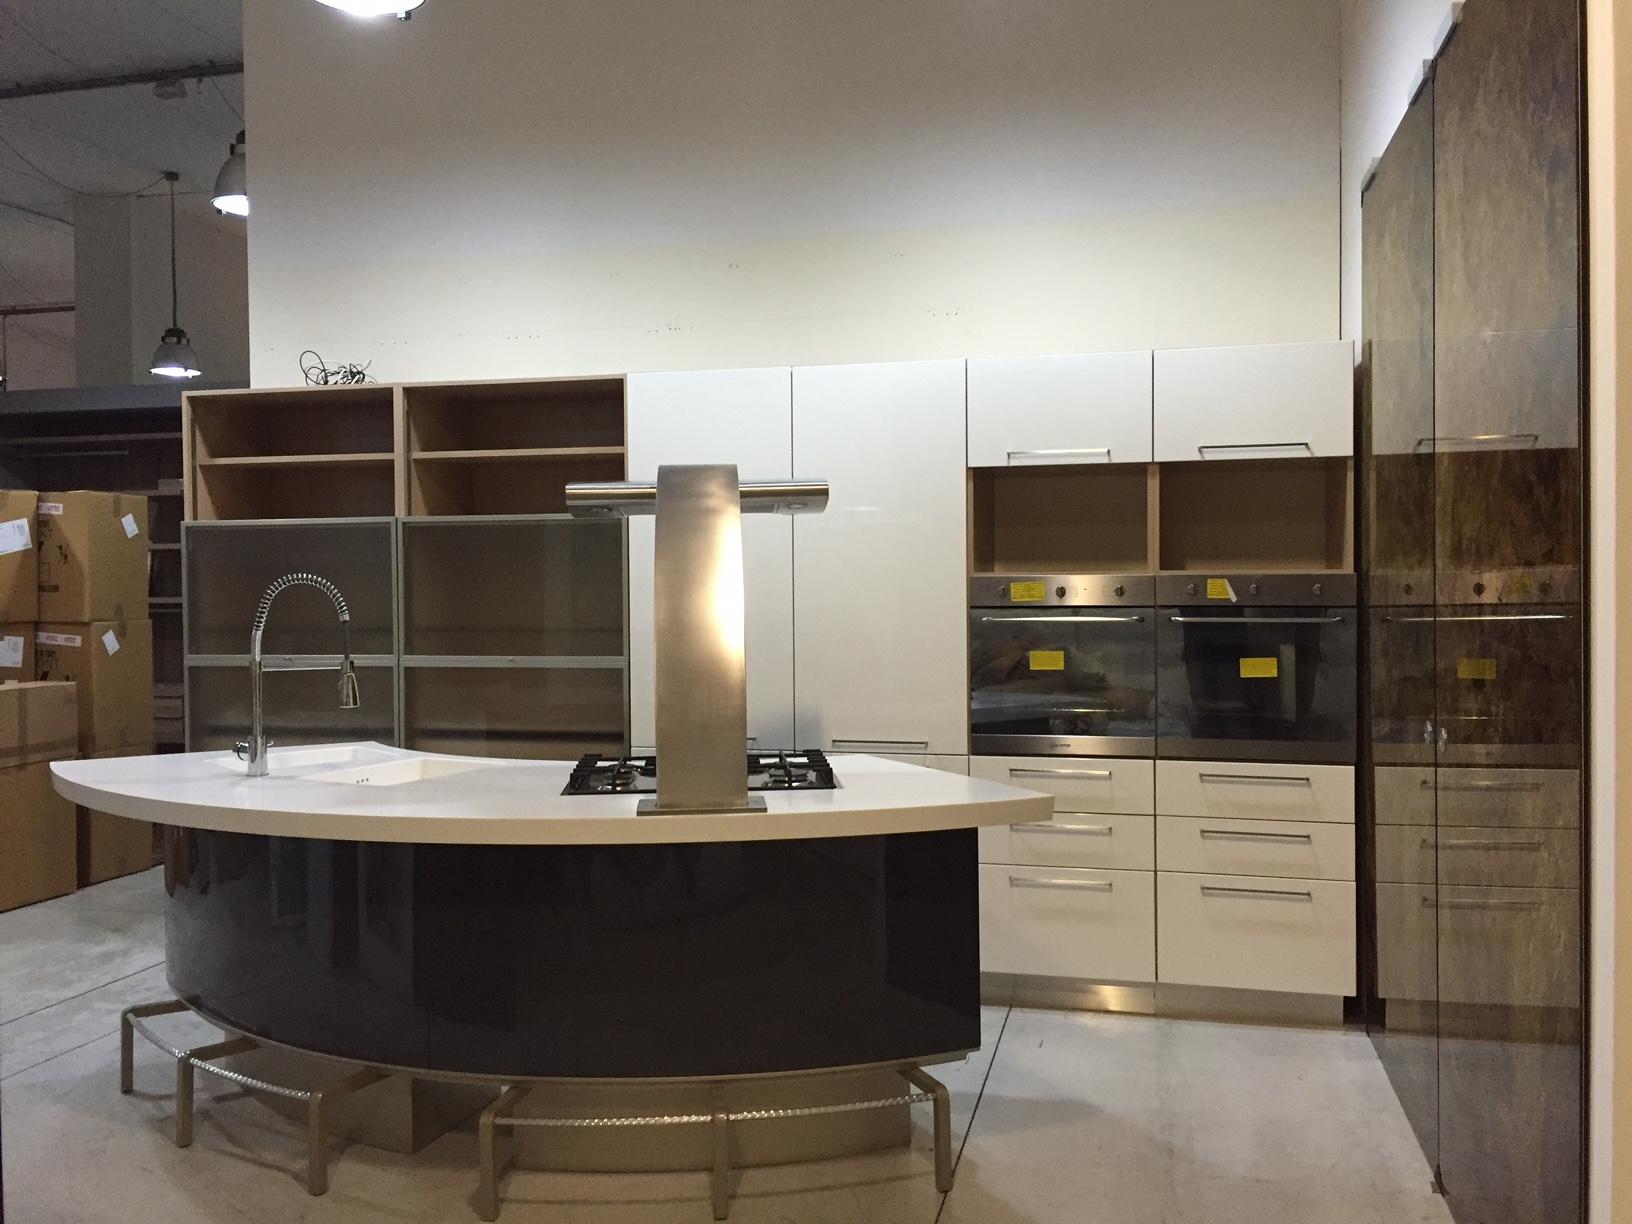 Altezza Piano Snack Cucina. Cucina Stile Industriale With Altezza ...